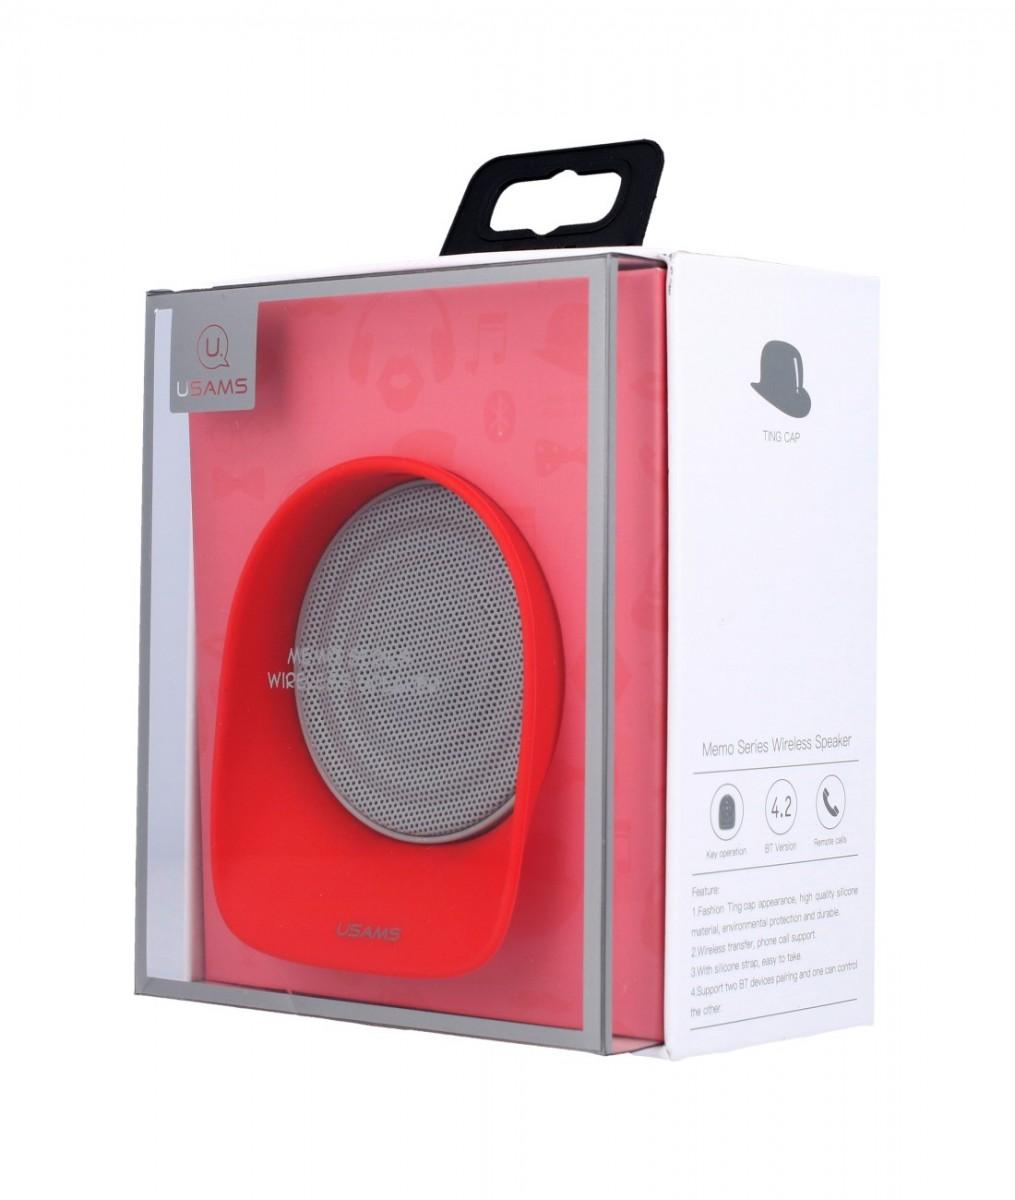 USAMS Bluetooth Reproduktor Memo červený 33706